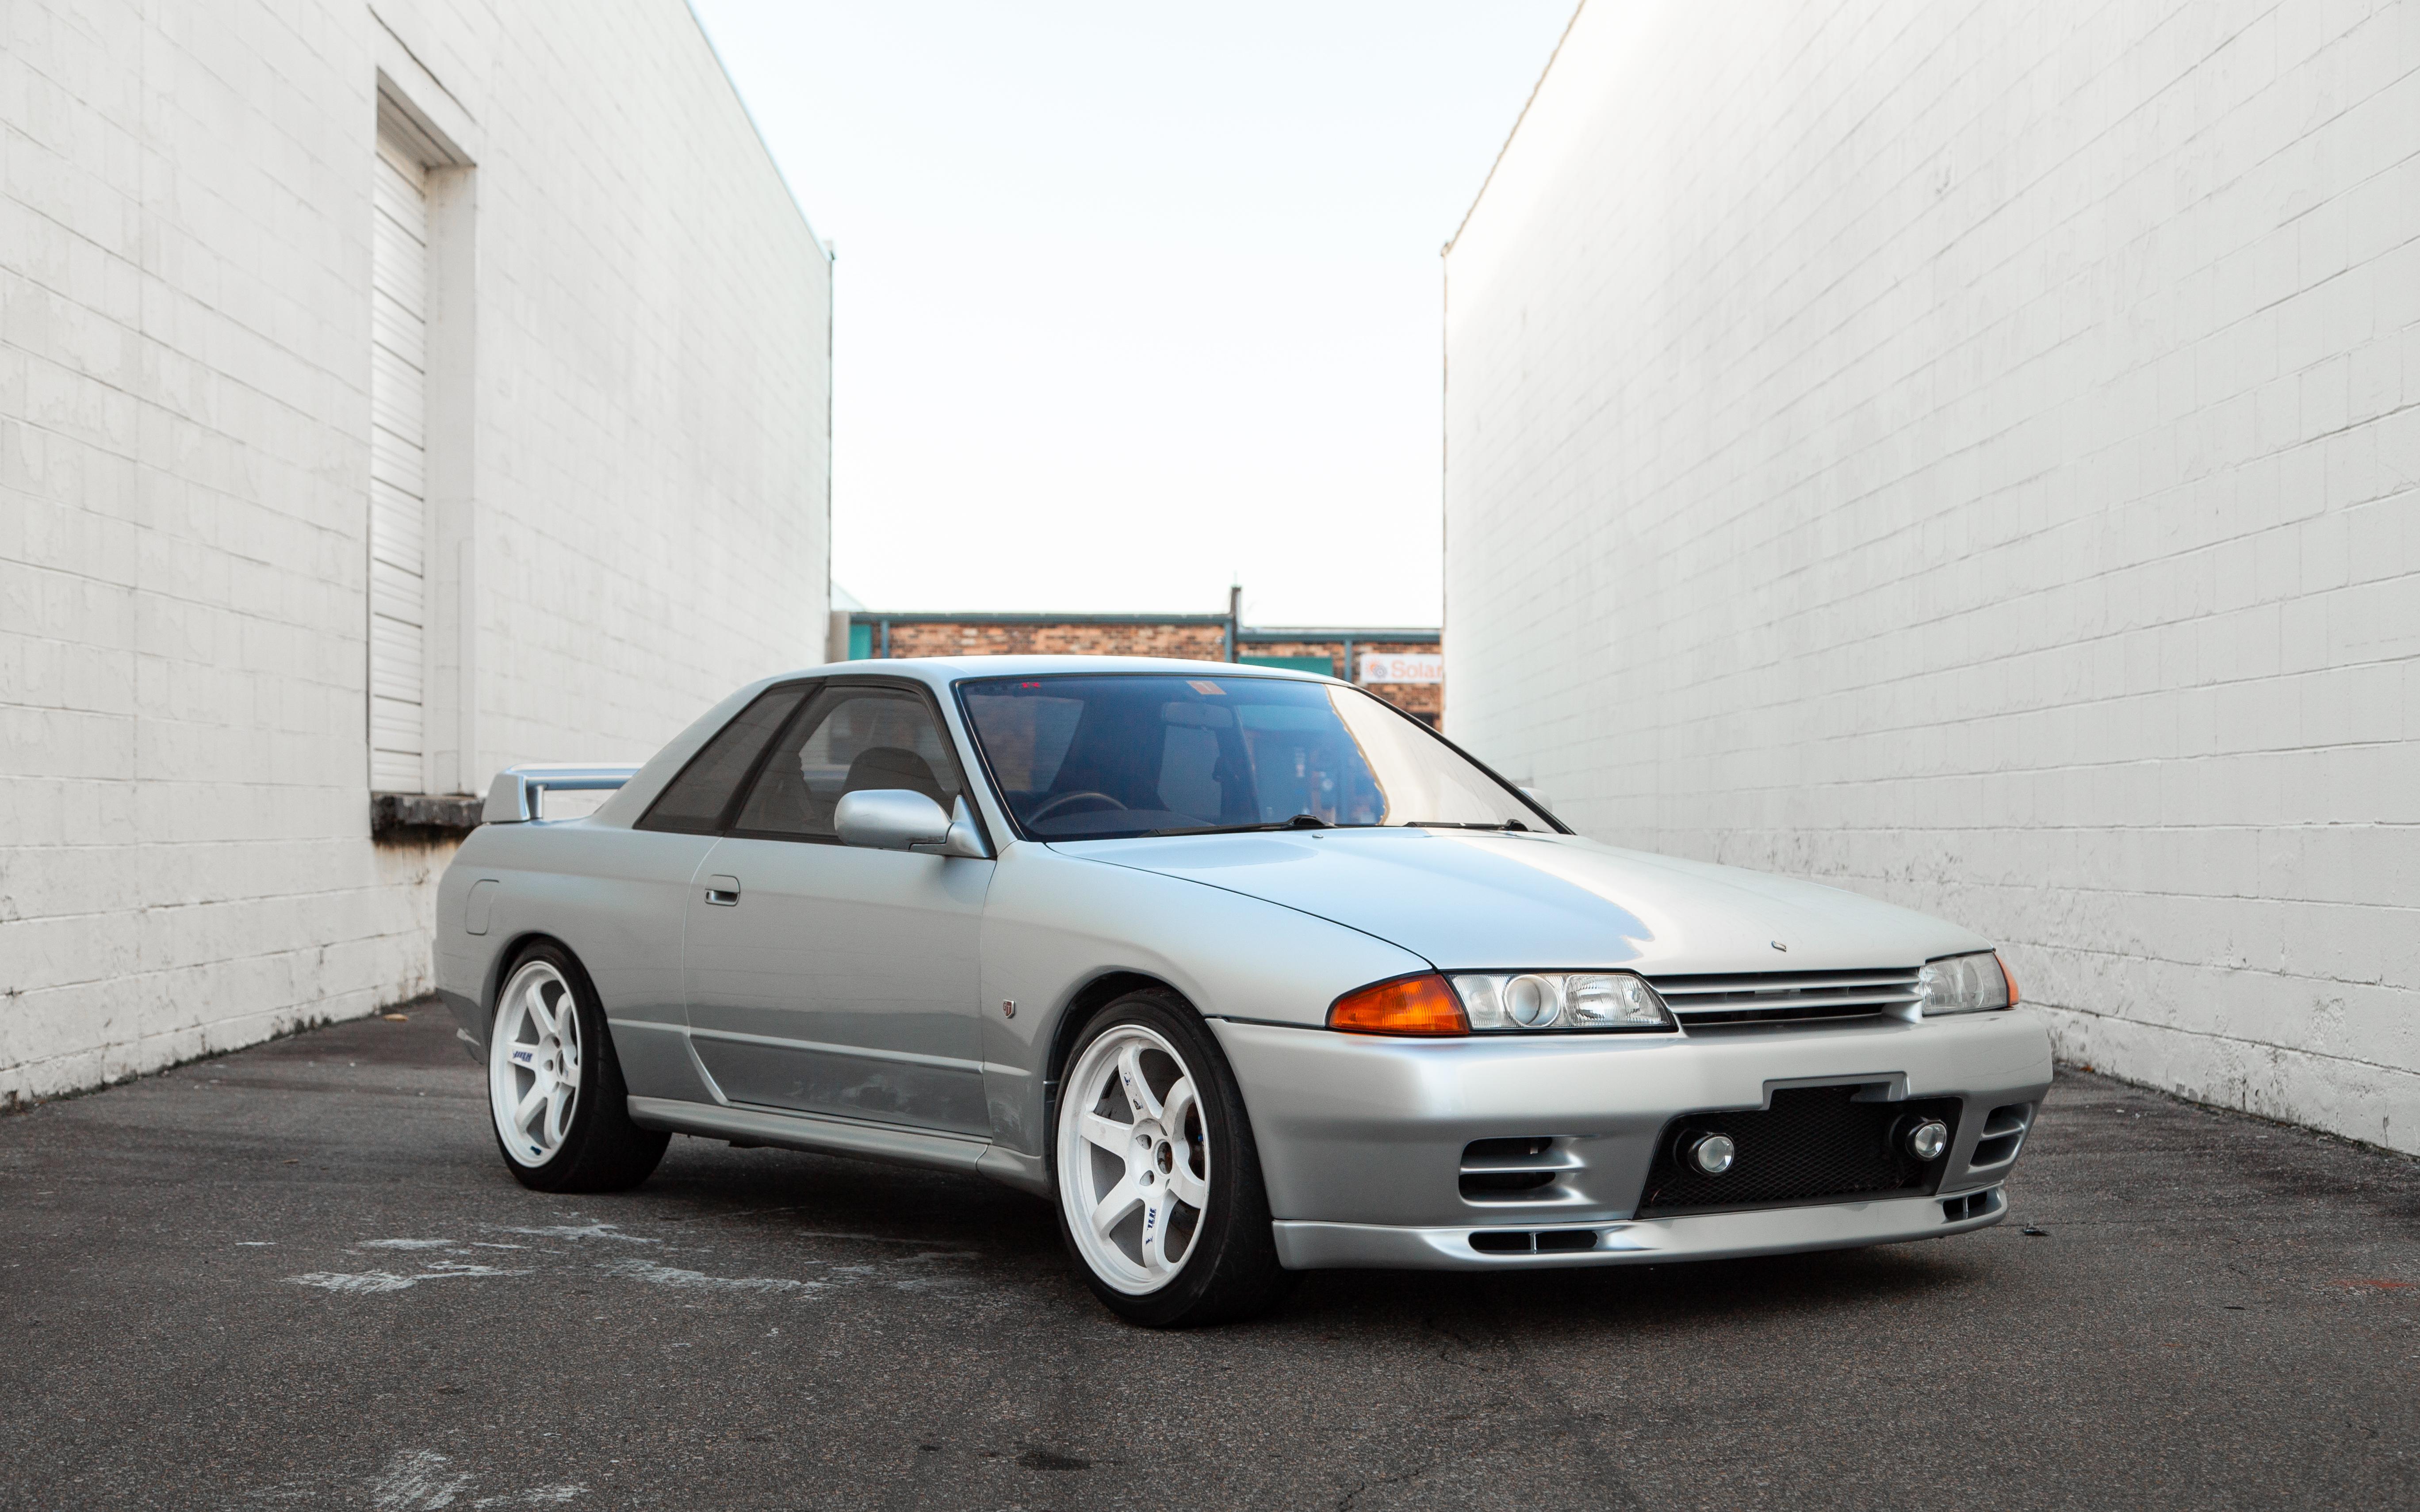 1990 Nissan Skyline Gtr R32 Low Mileage Lightly Modified Jdm Icon Imported Rhd Cars J Spec Auto Sports